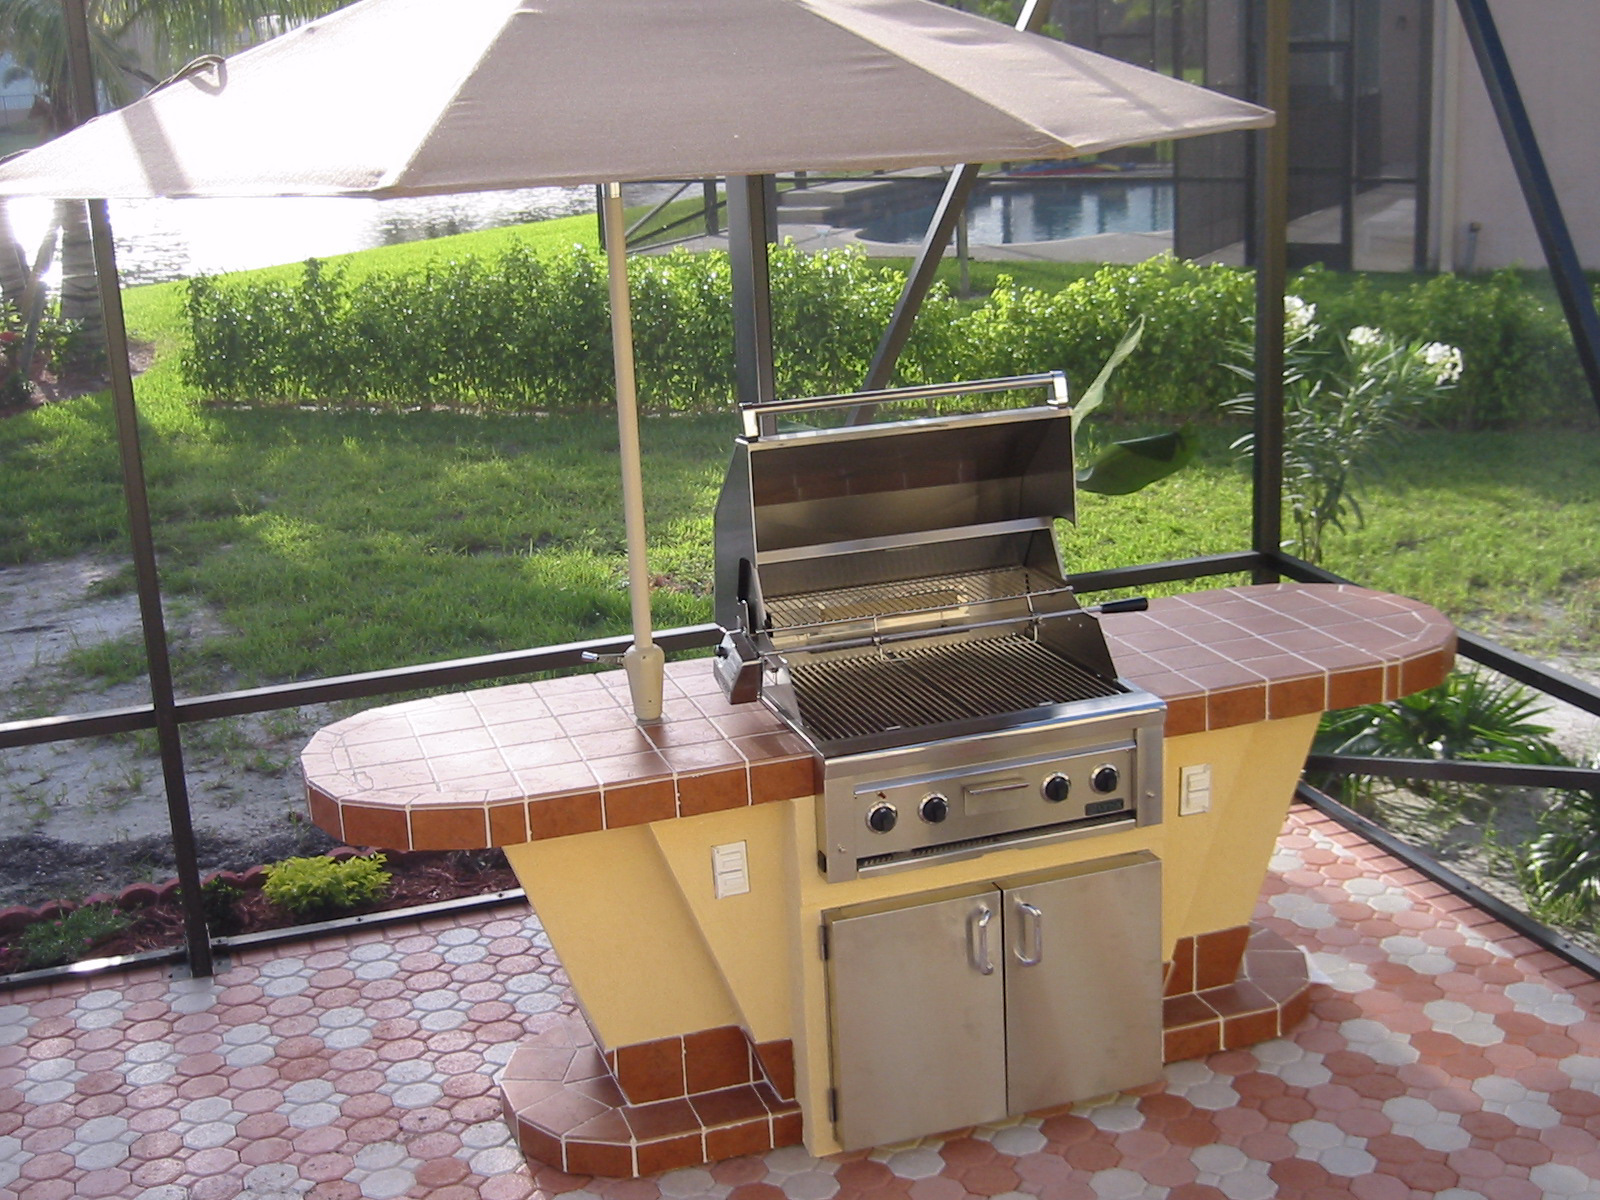 Outdoorküche Mit Spüle Reparieren : Outdoorküche weber grill kitchen replacement grill grates for